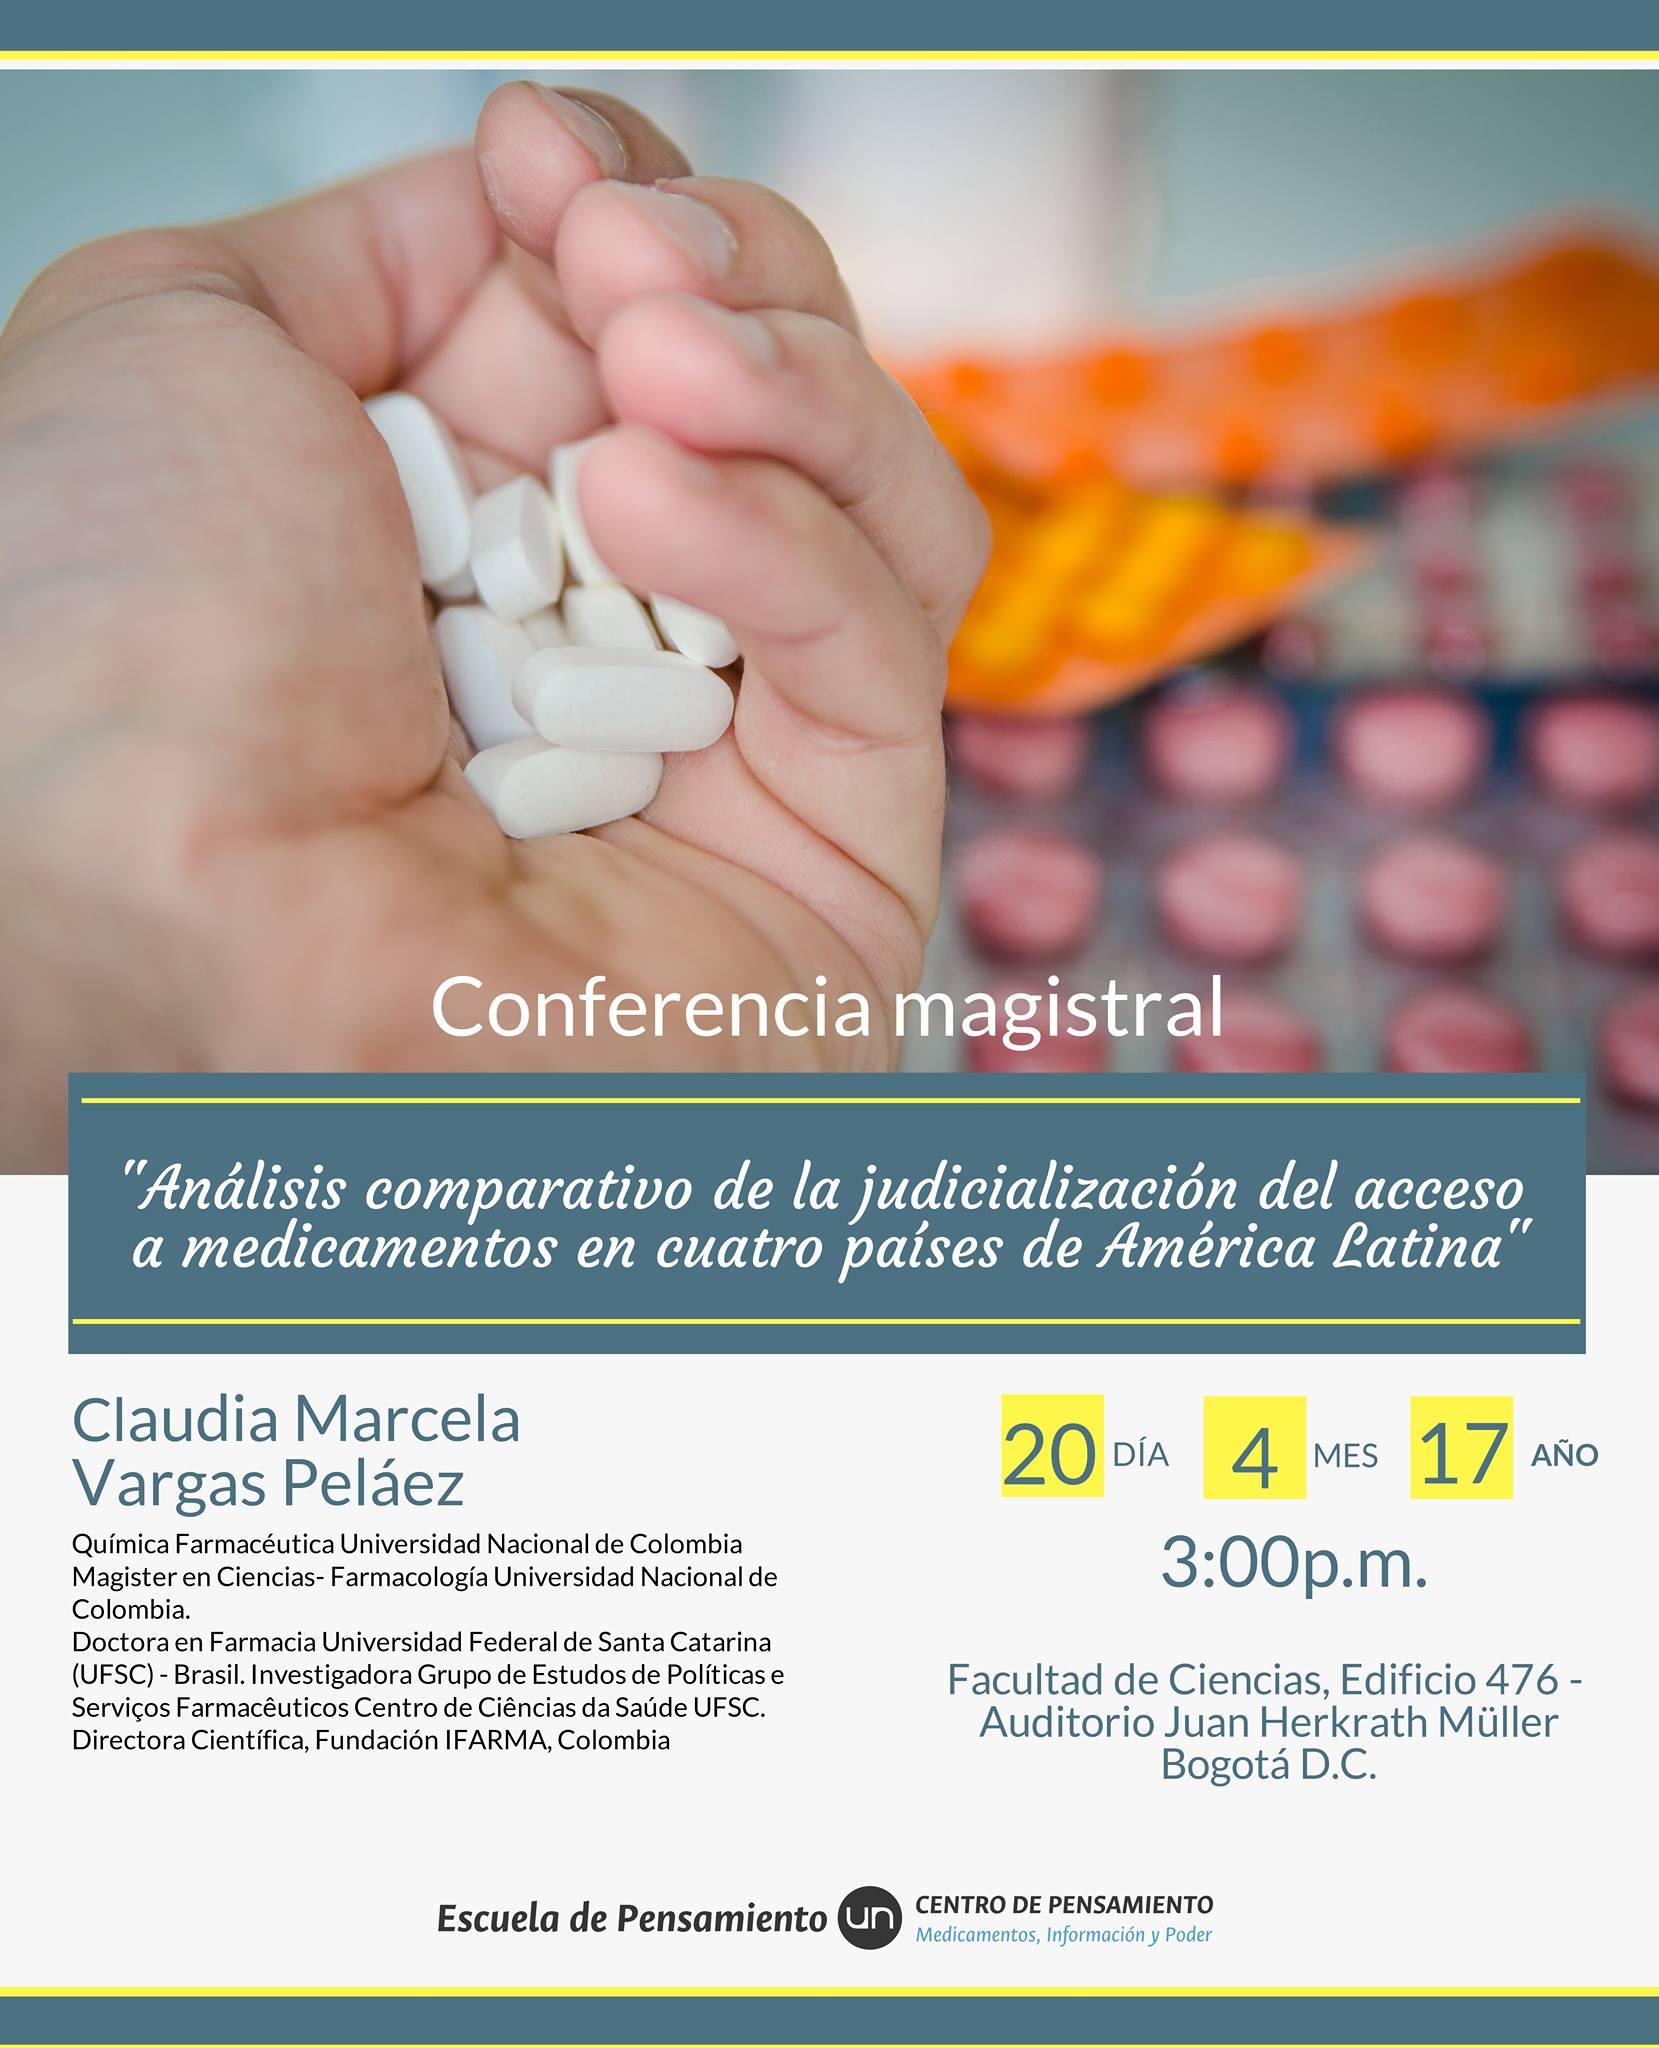 Conferencia magistral «Análisis comparativo                         de la judicialización del acceso a medicamentos                         en cuatro países de América Latina» (Claudia                         Marcela Vargas Peláez)